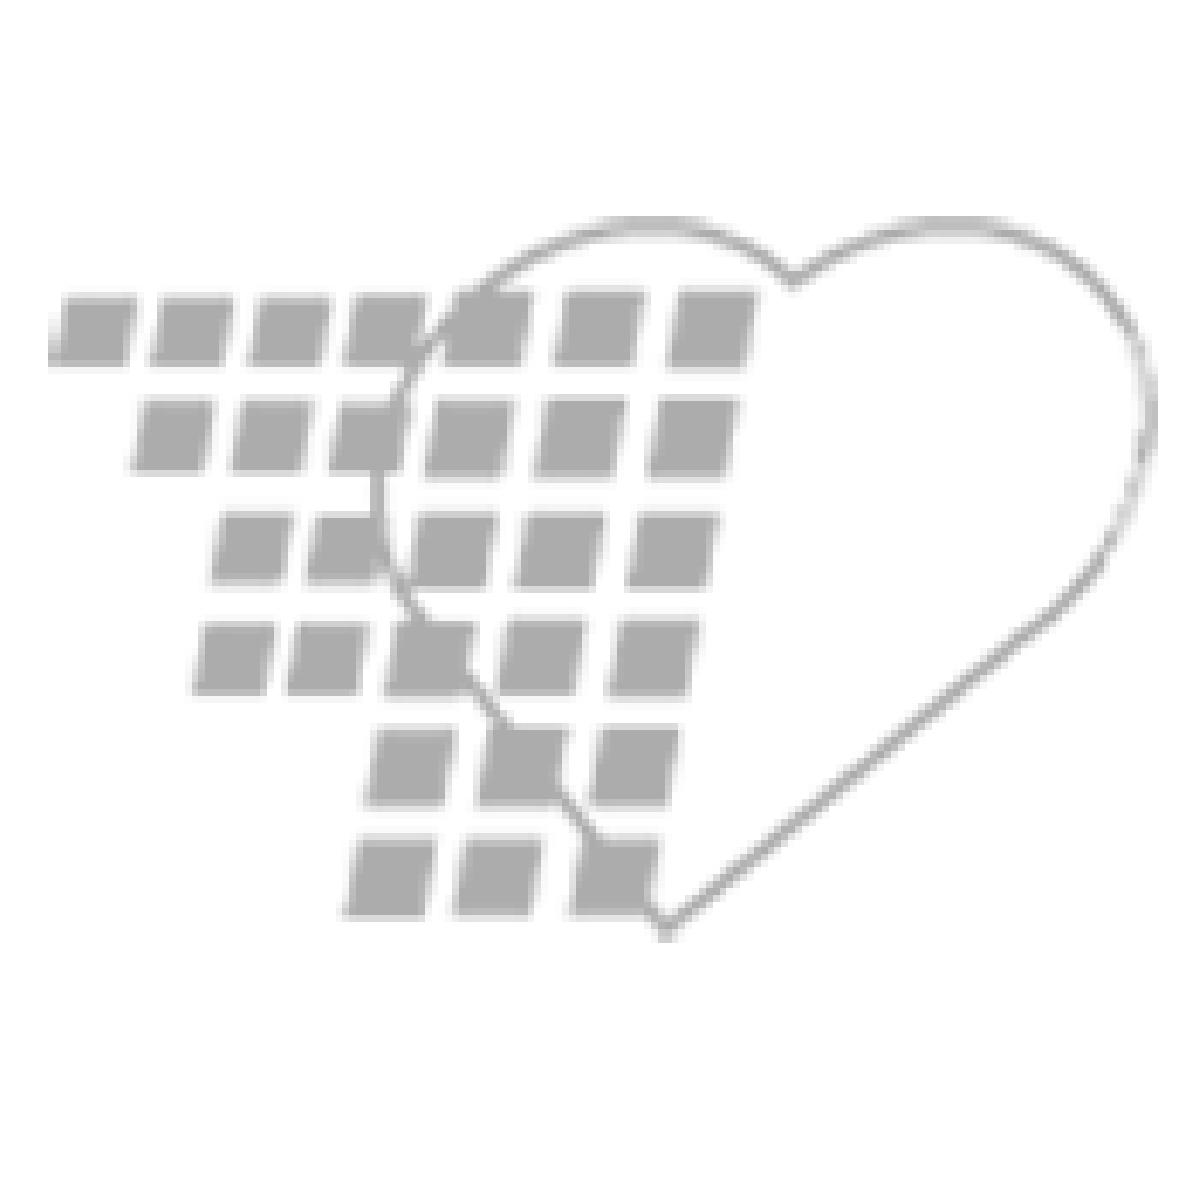 06-93-1000-50ML - Demo Dose® 5% Dextros IV Fluid 50mL